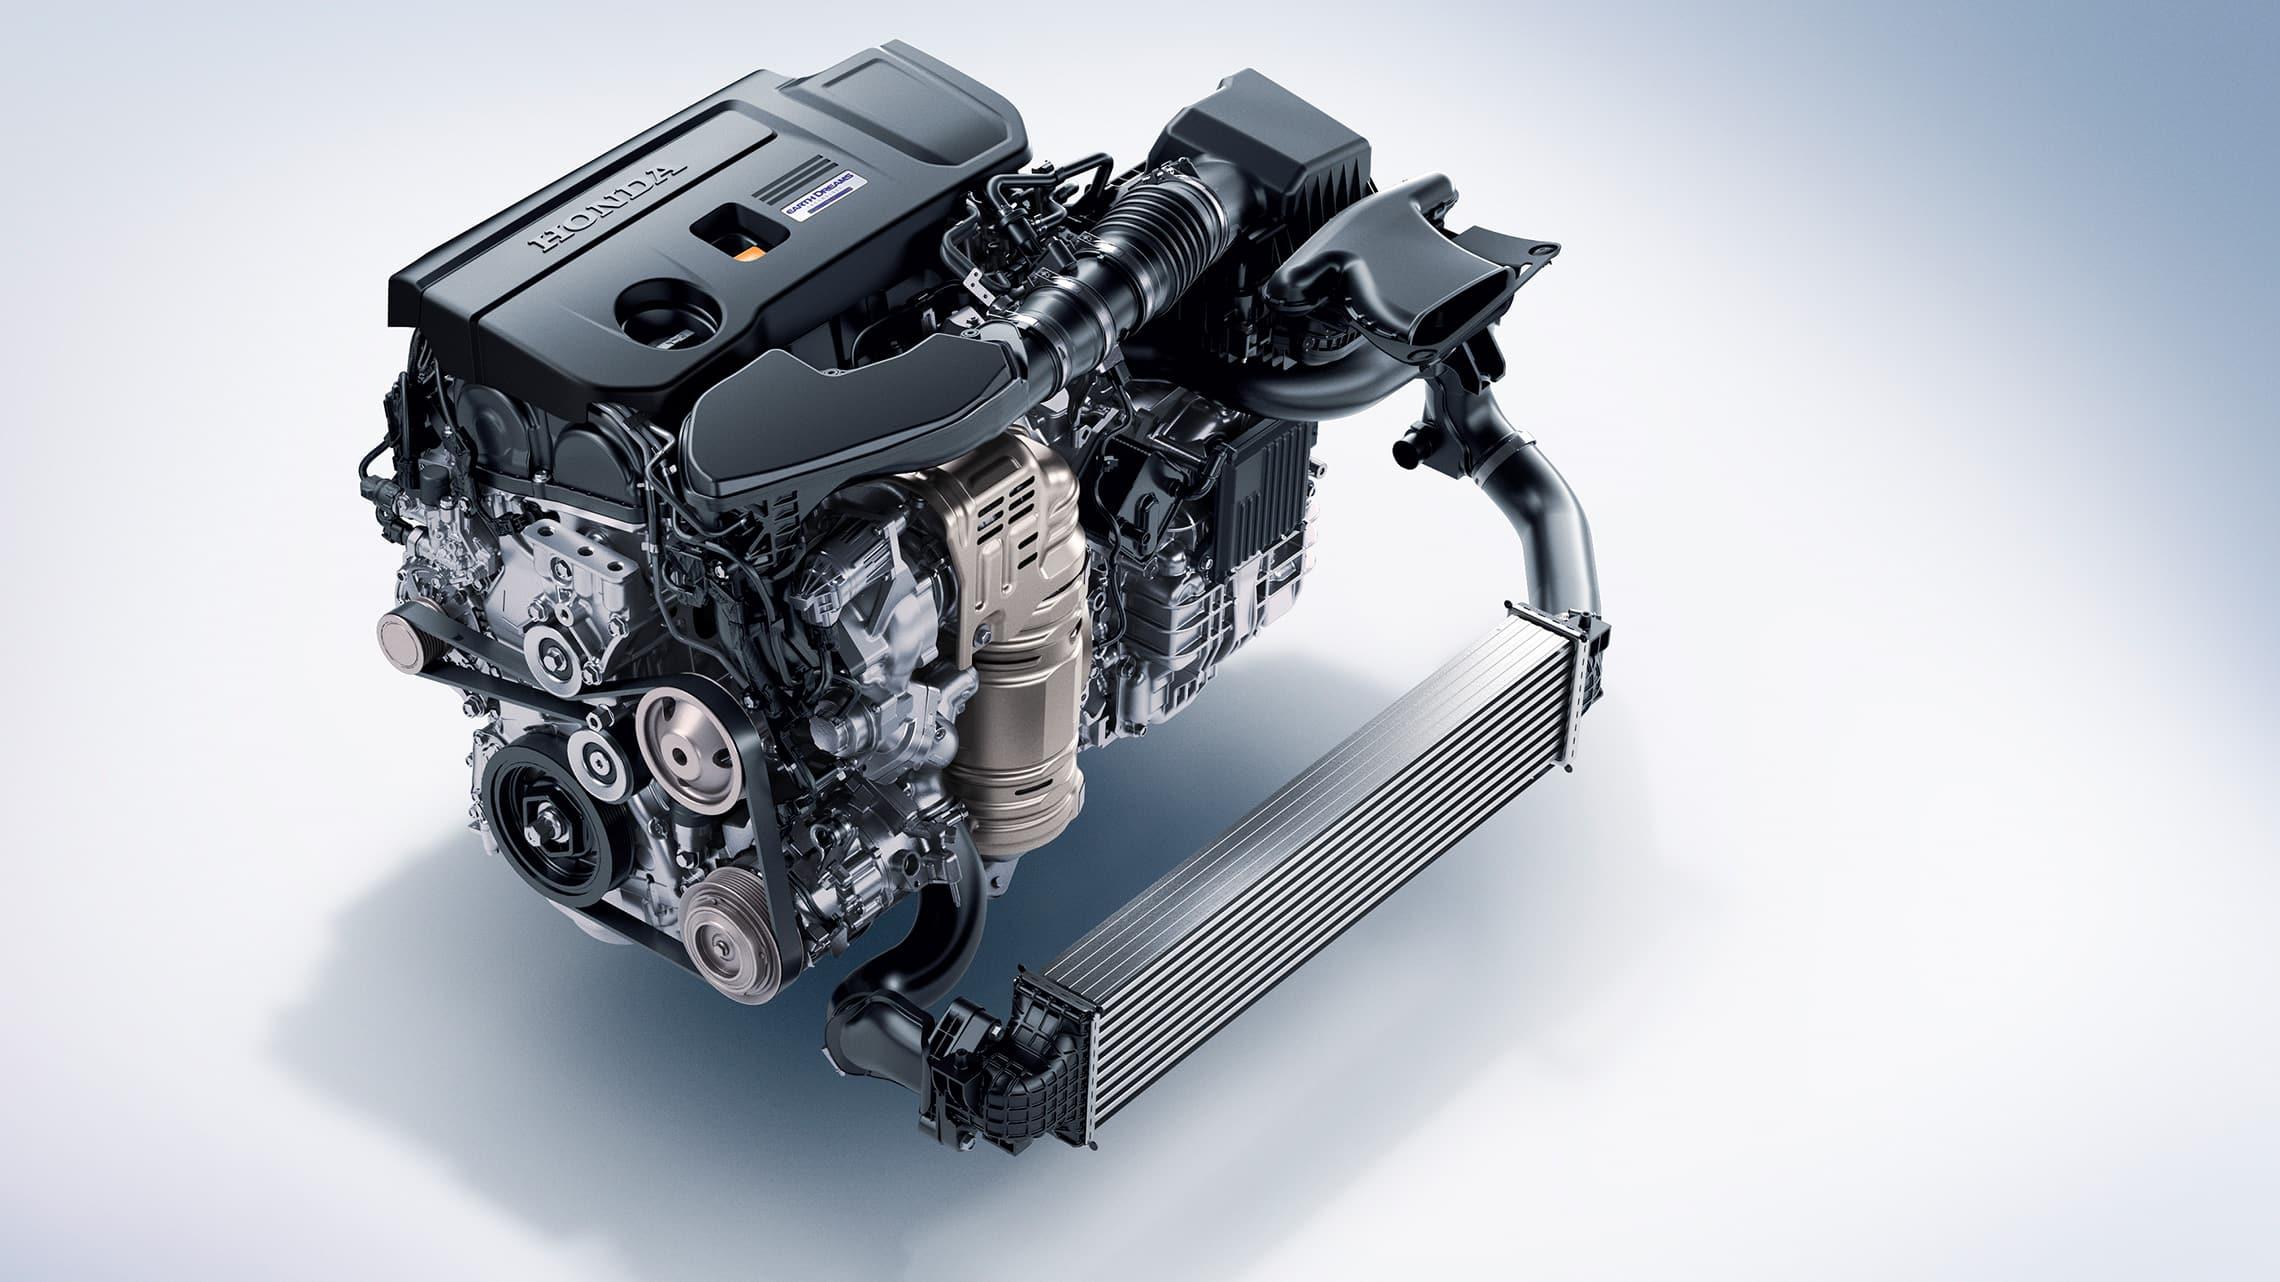 Detalle del motor turboalimentado de 2.0litros en el Honda Accord2021.